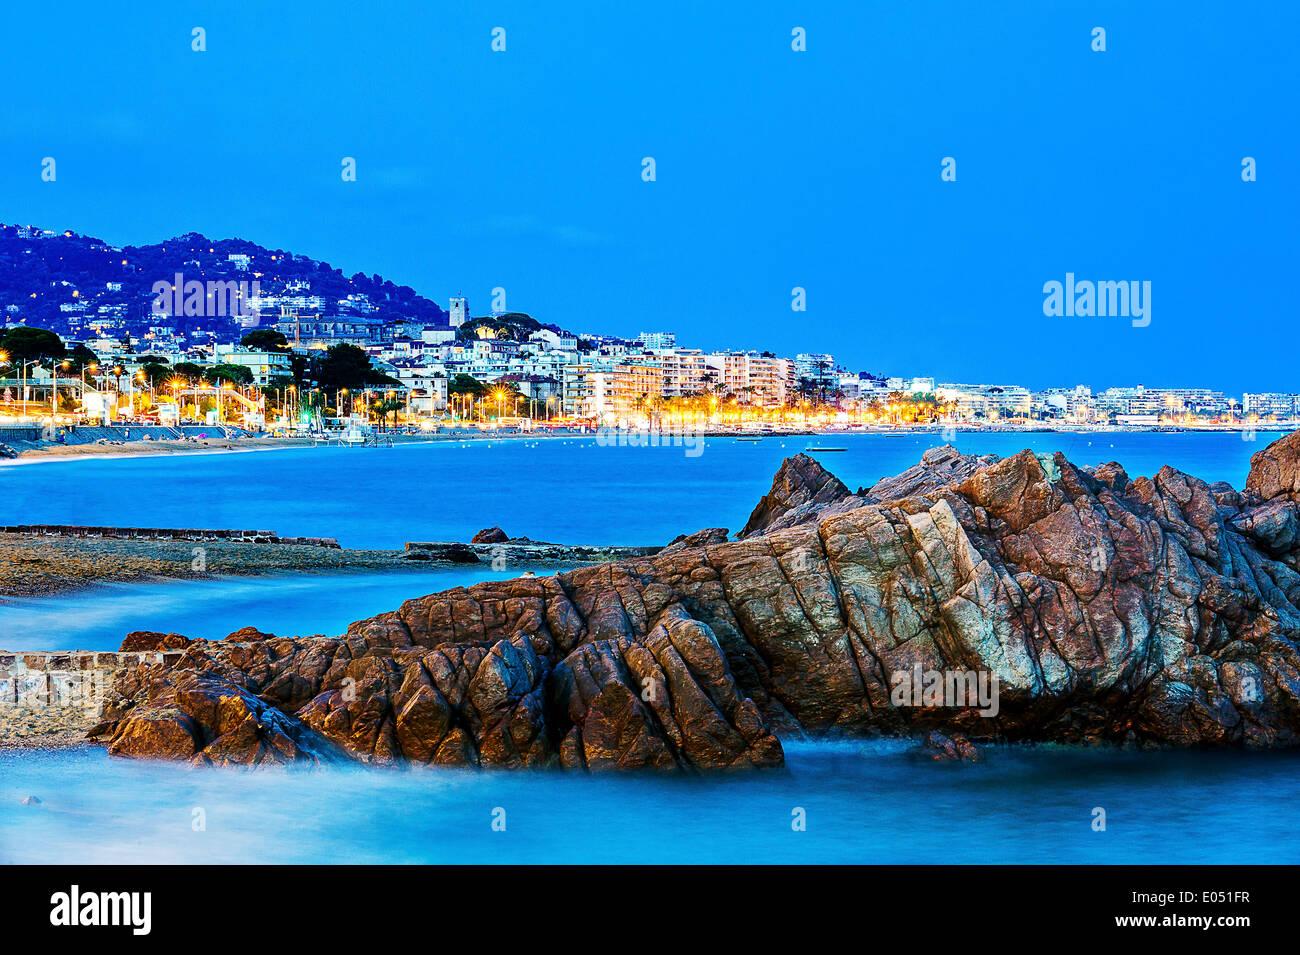 Europe, France, Alpes-Maritimes, Cannes. Baie de Cannes au crépuscule. Photo Stock